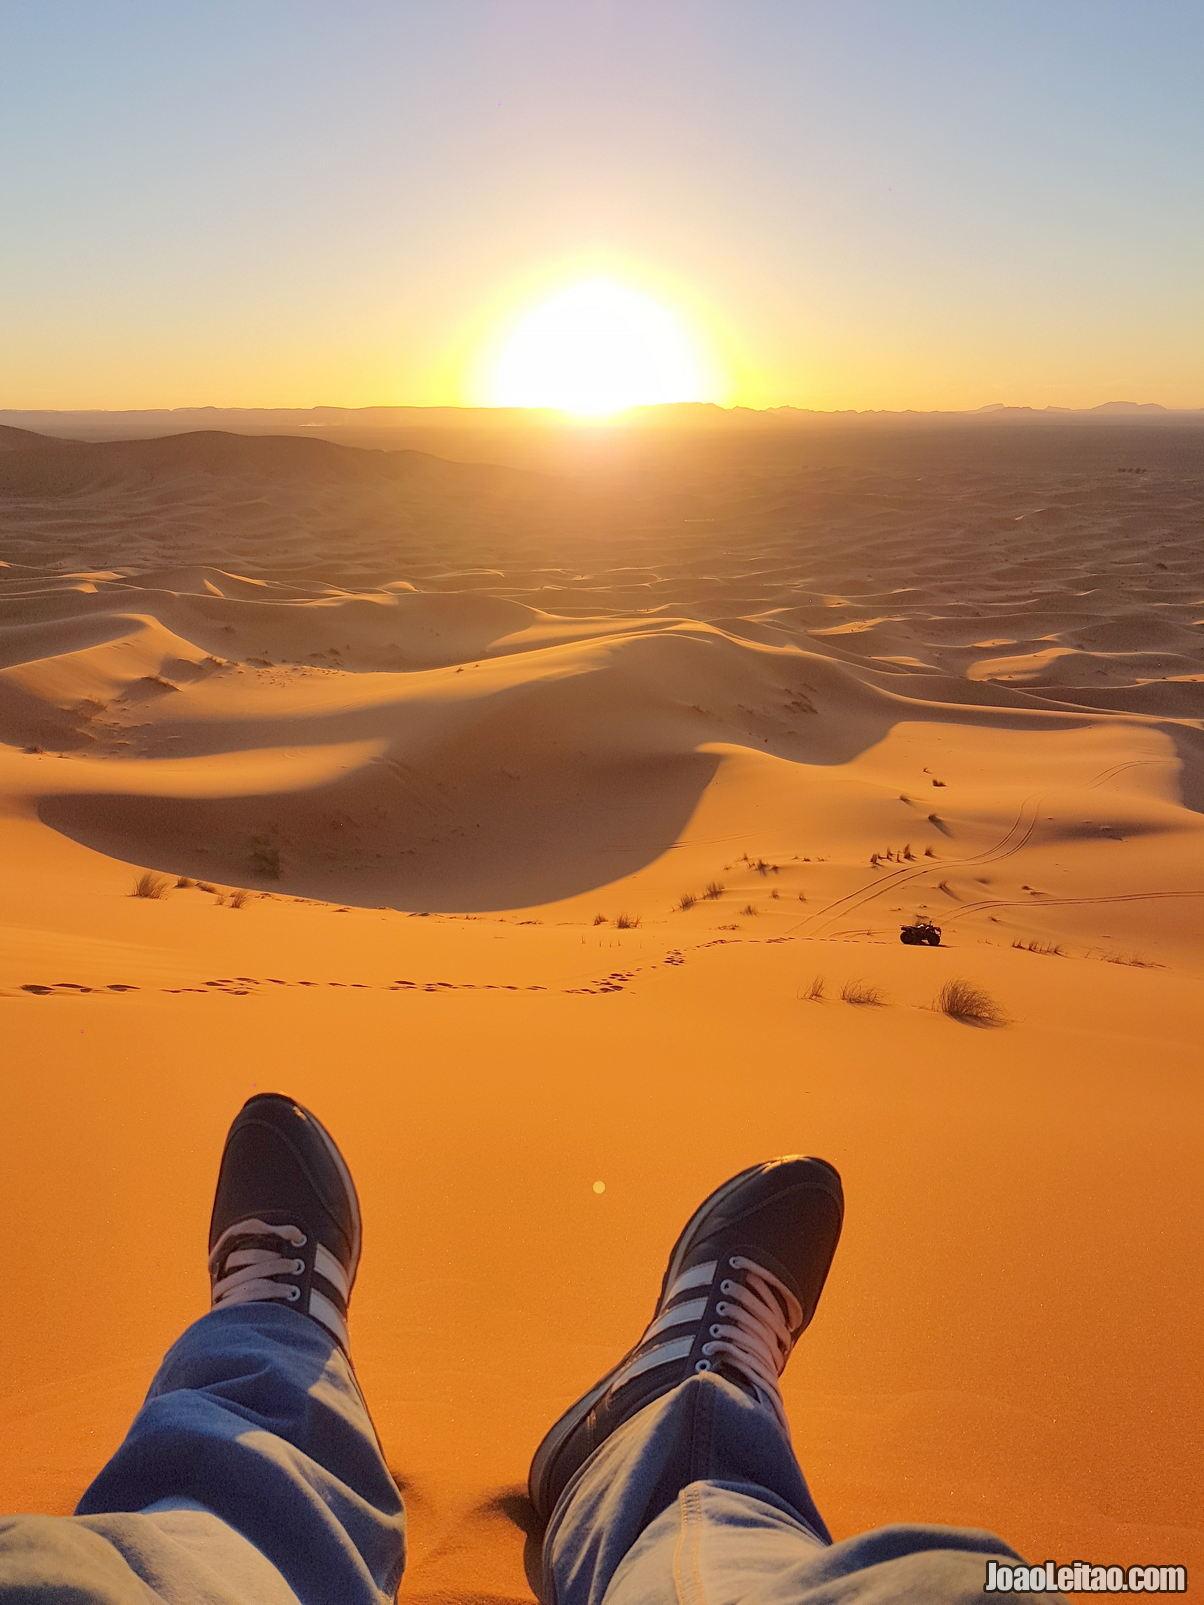 Marrocos • Guia de Viagem • O que Visitar em Marrocos 12